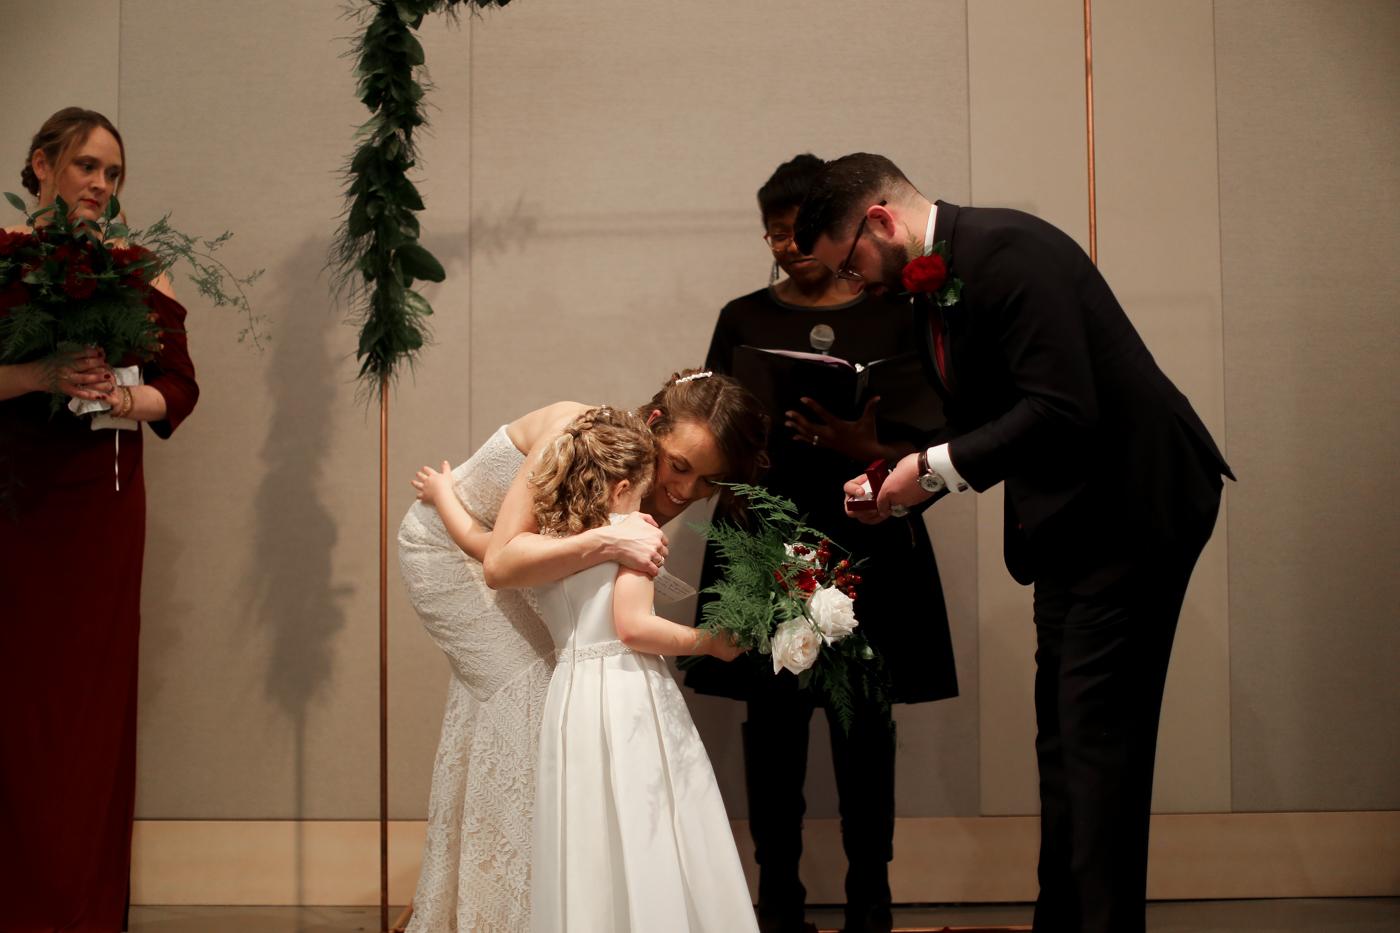 21C-Museum-Hotel-Lexington-Kentucky-Best-Wedding-Photographer-18.jpg